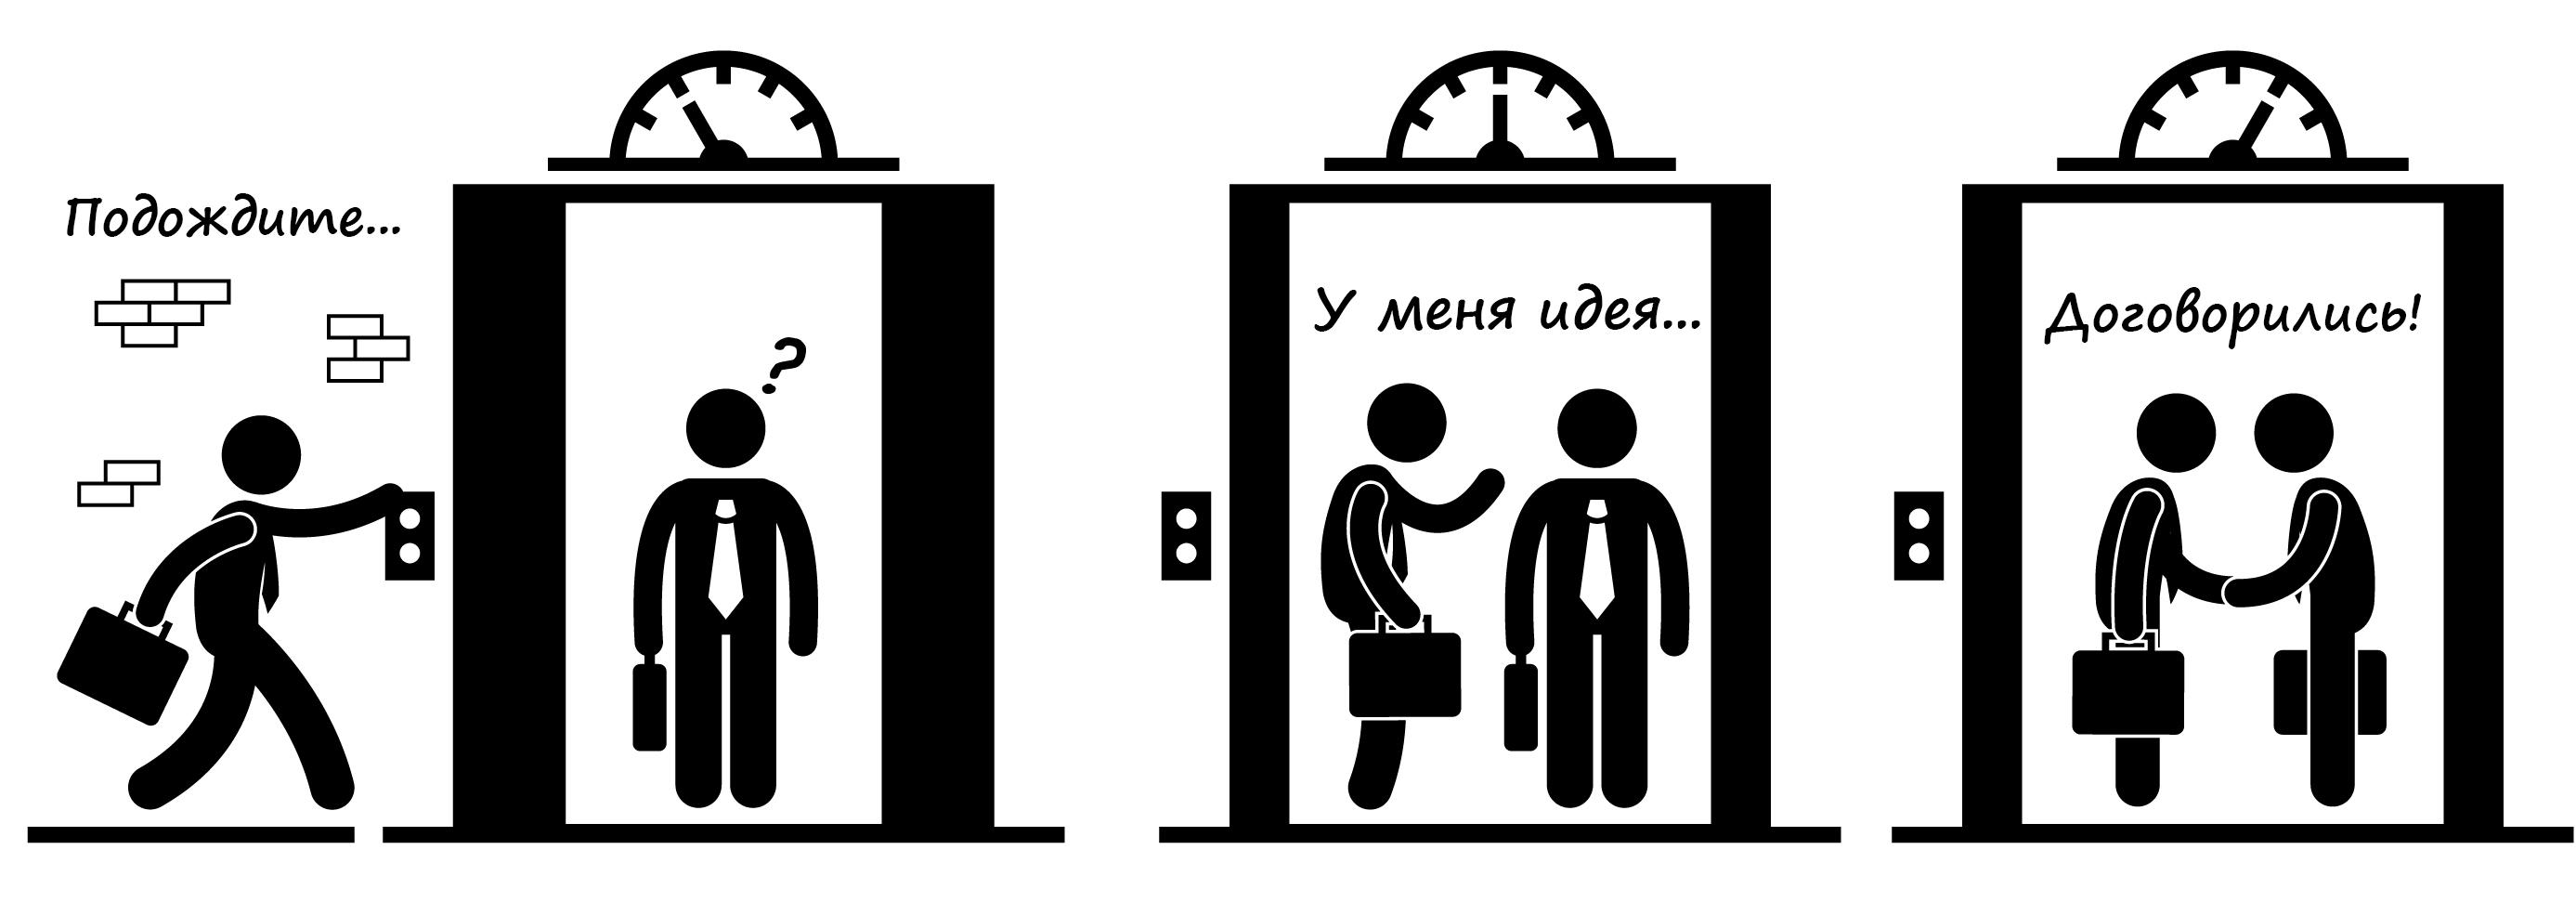 Вопросы для знакомства: как заинтересовать собеседника при первой встрече